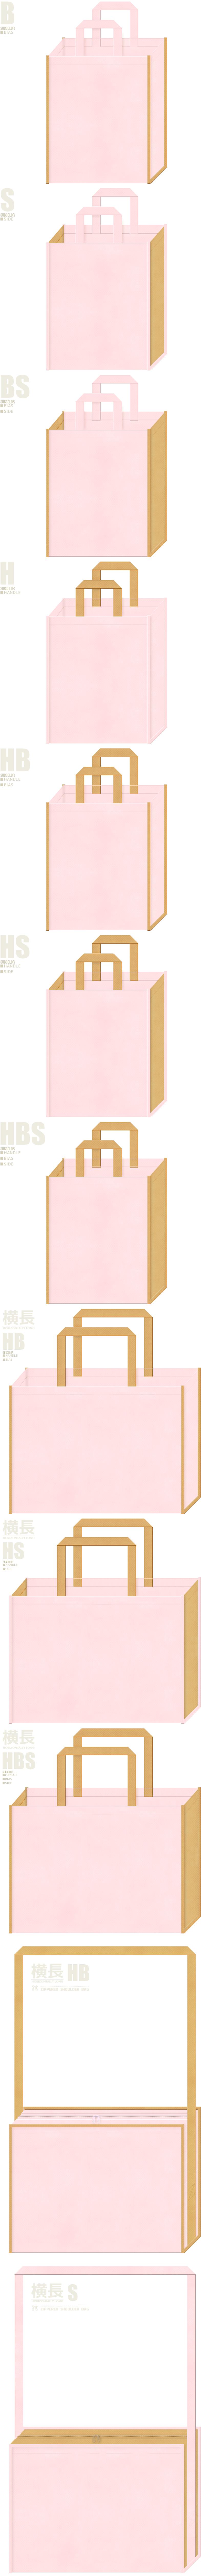 桜色と薄黄土色、7パターンの不織布トートバッグ配色デザイン例。girlyな不織布バッグにお奨めです。